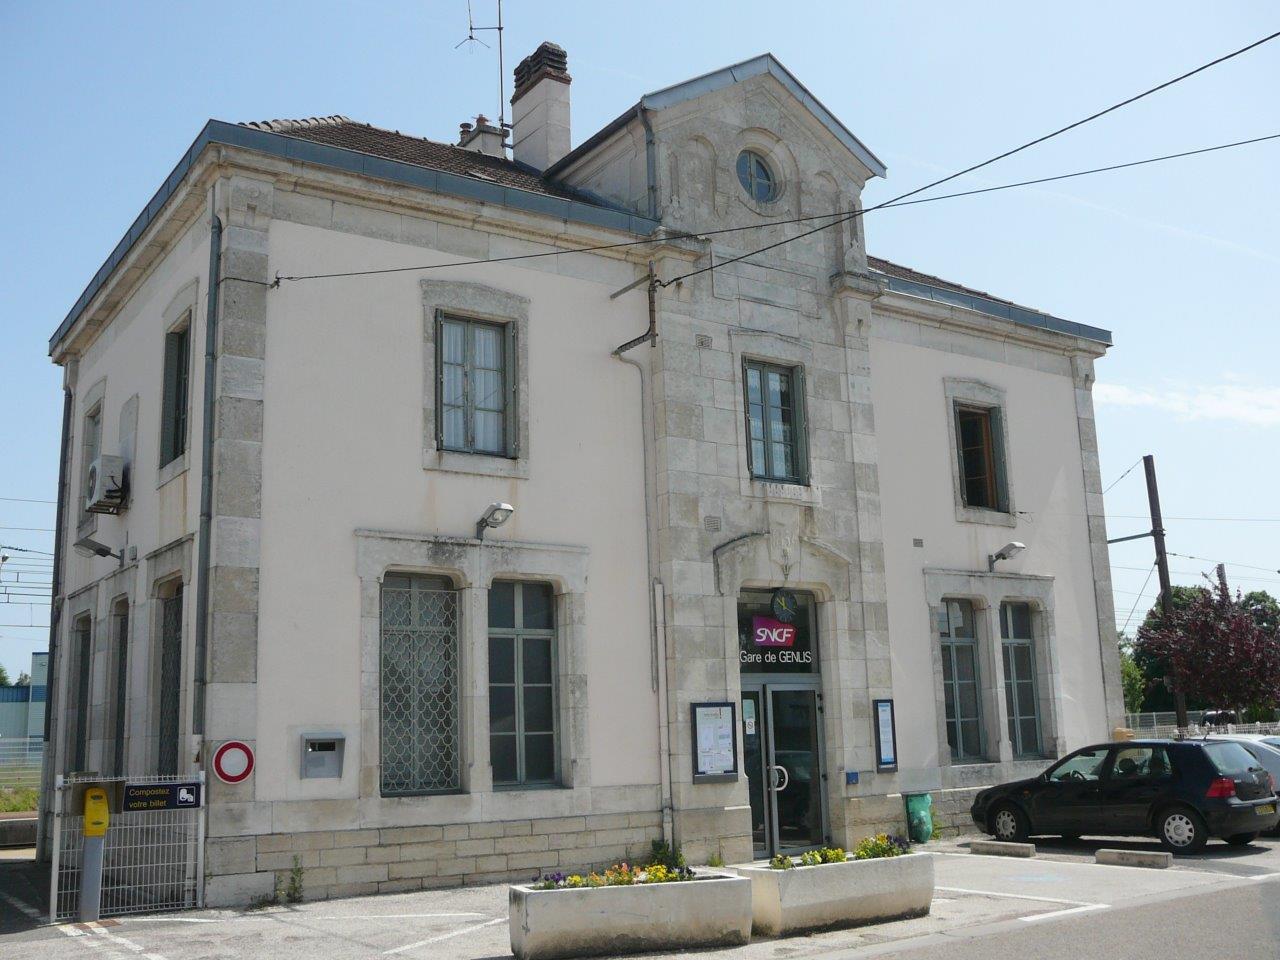 gare-de-genlis-train-station